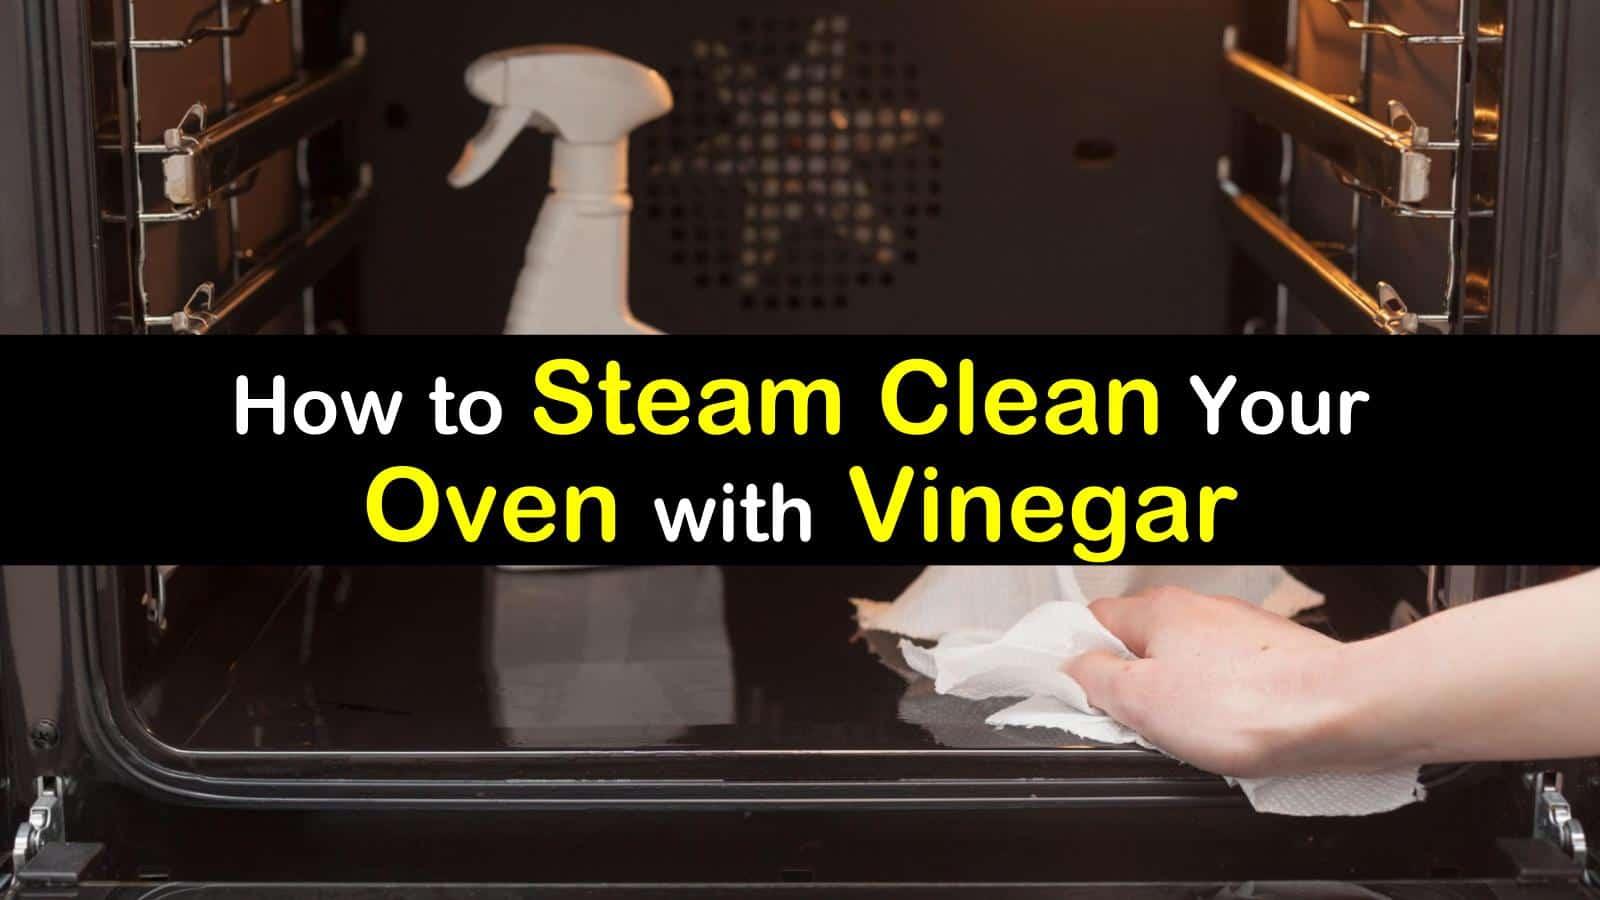 clean an oven with vinegar steam titleimg1